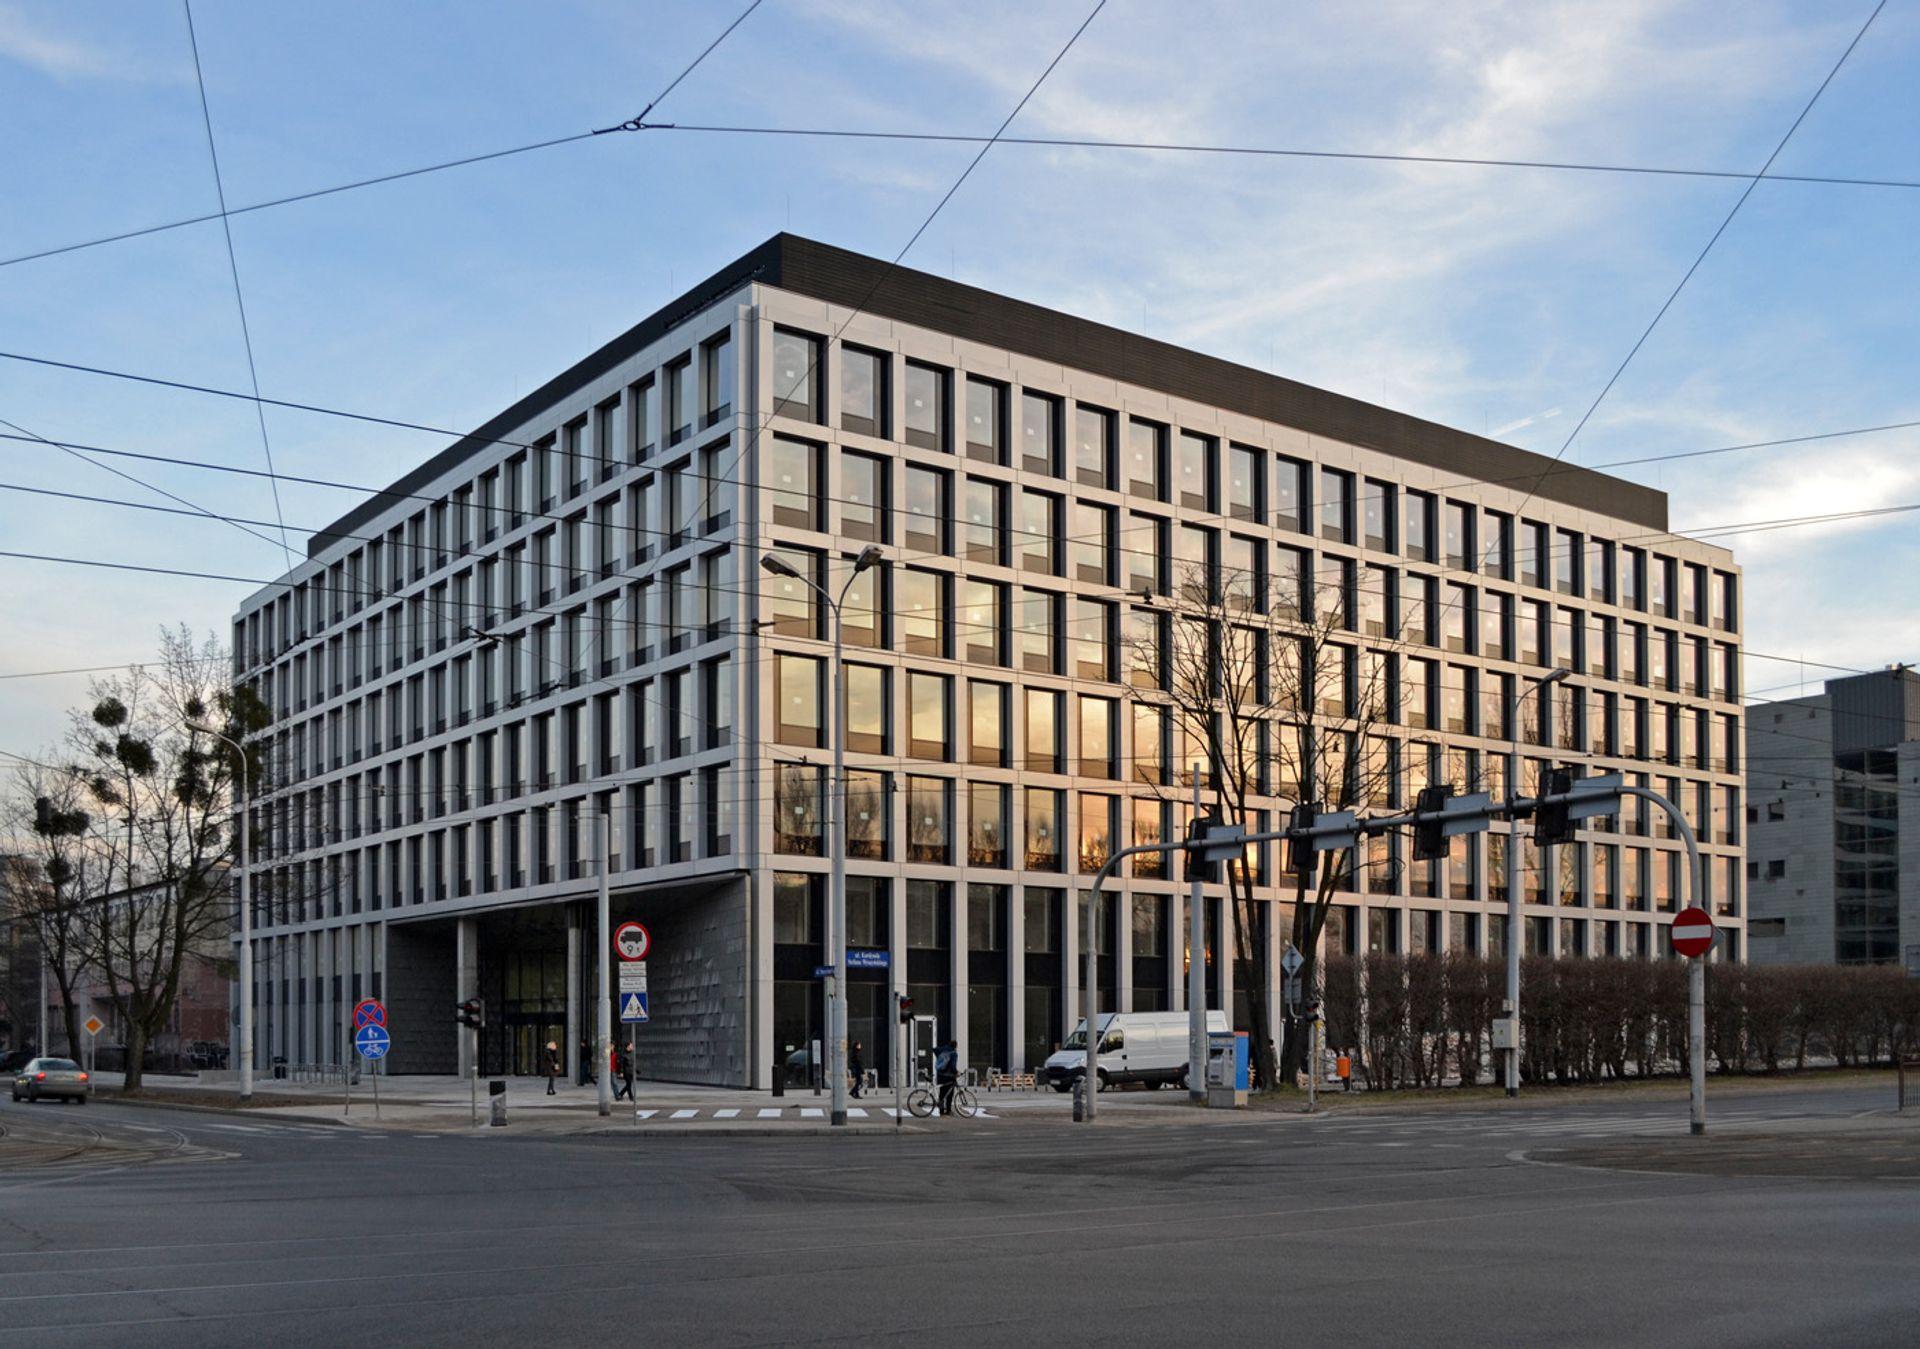 [Europa] Wartość transakcji inwestycyjnych zrealizowanych na rynku nieruchomości komercyjnych w Europie Środkowo-Wschodniej w I kw. 2015 r. sięgnęła prawie 1,44 mld euro